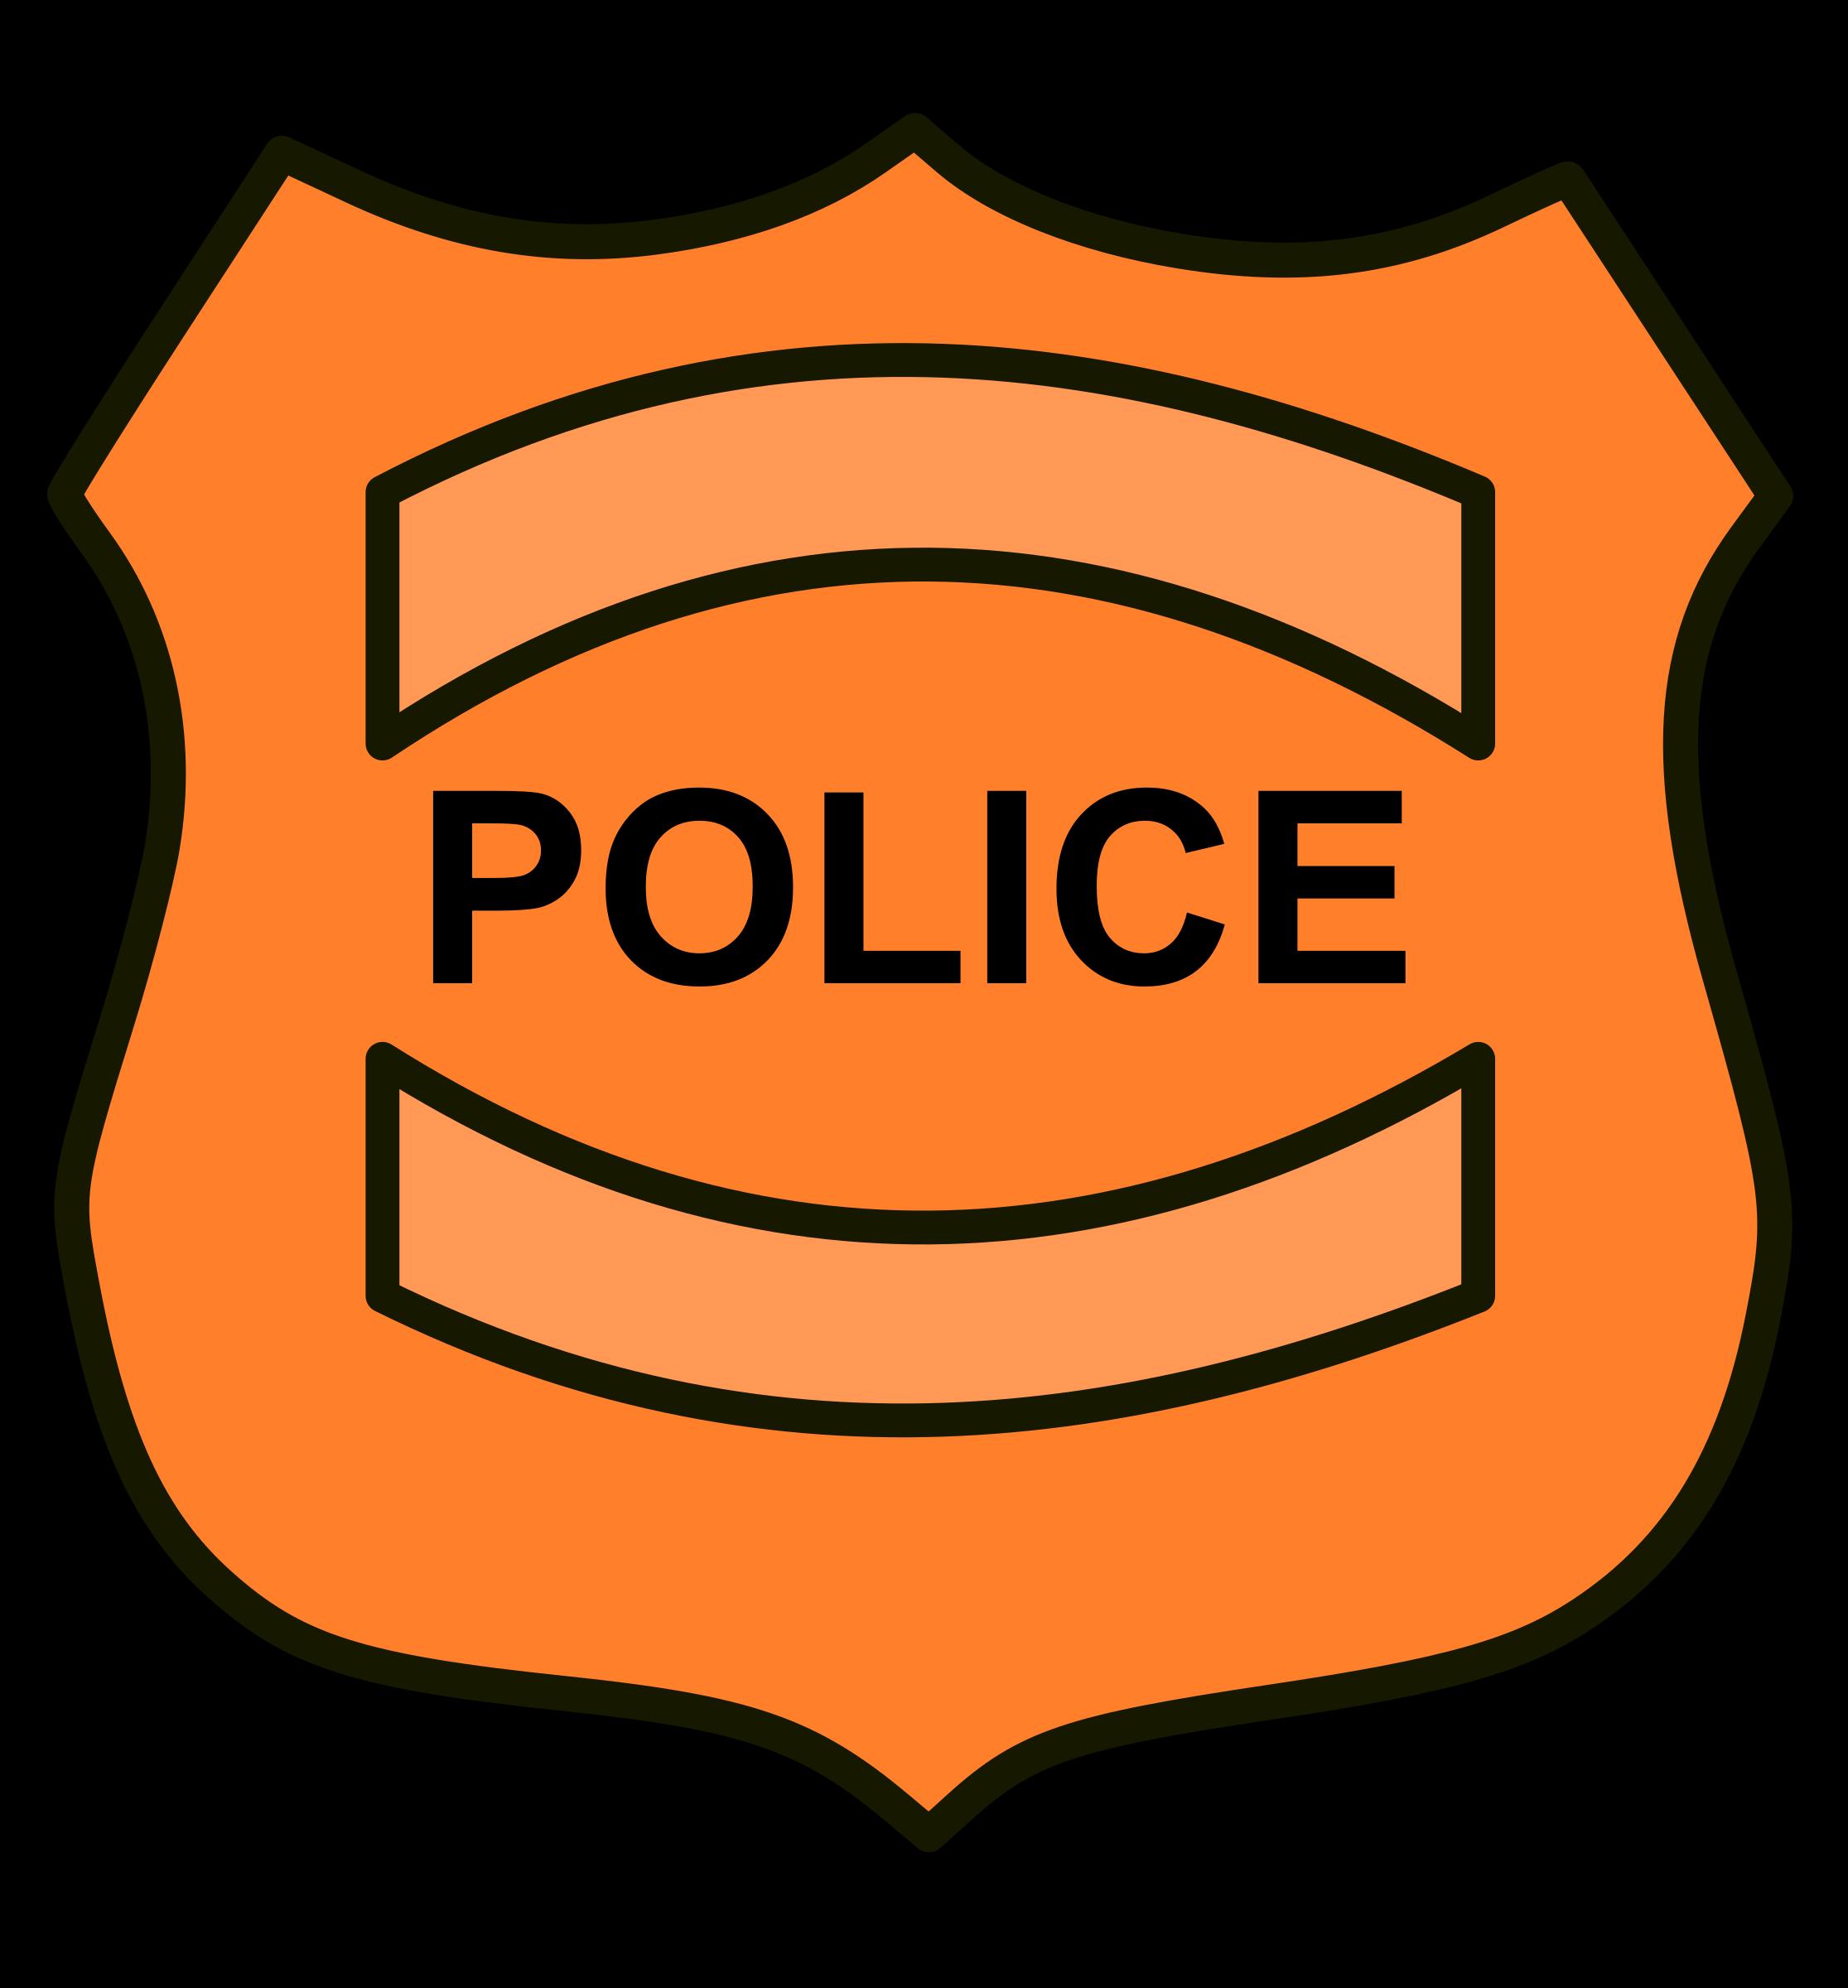 Cop badge jokingart com. Hats clipart police man